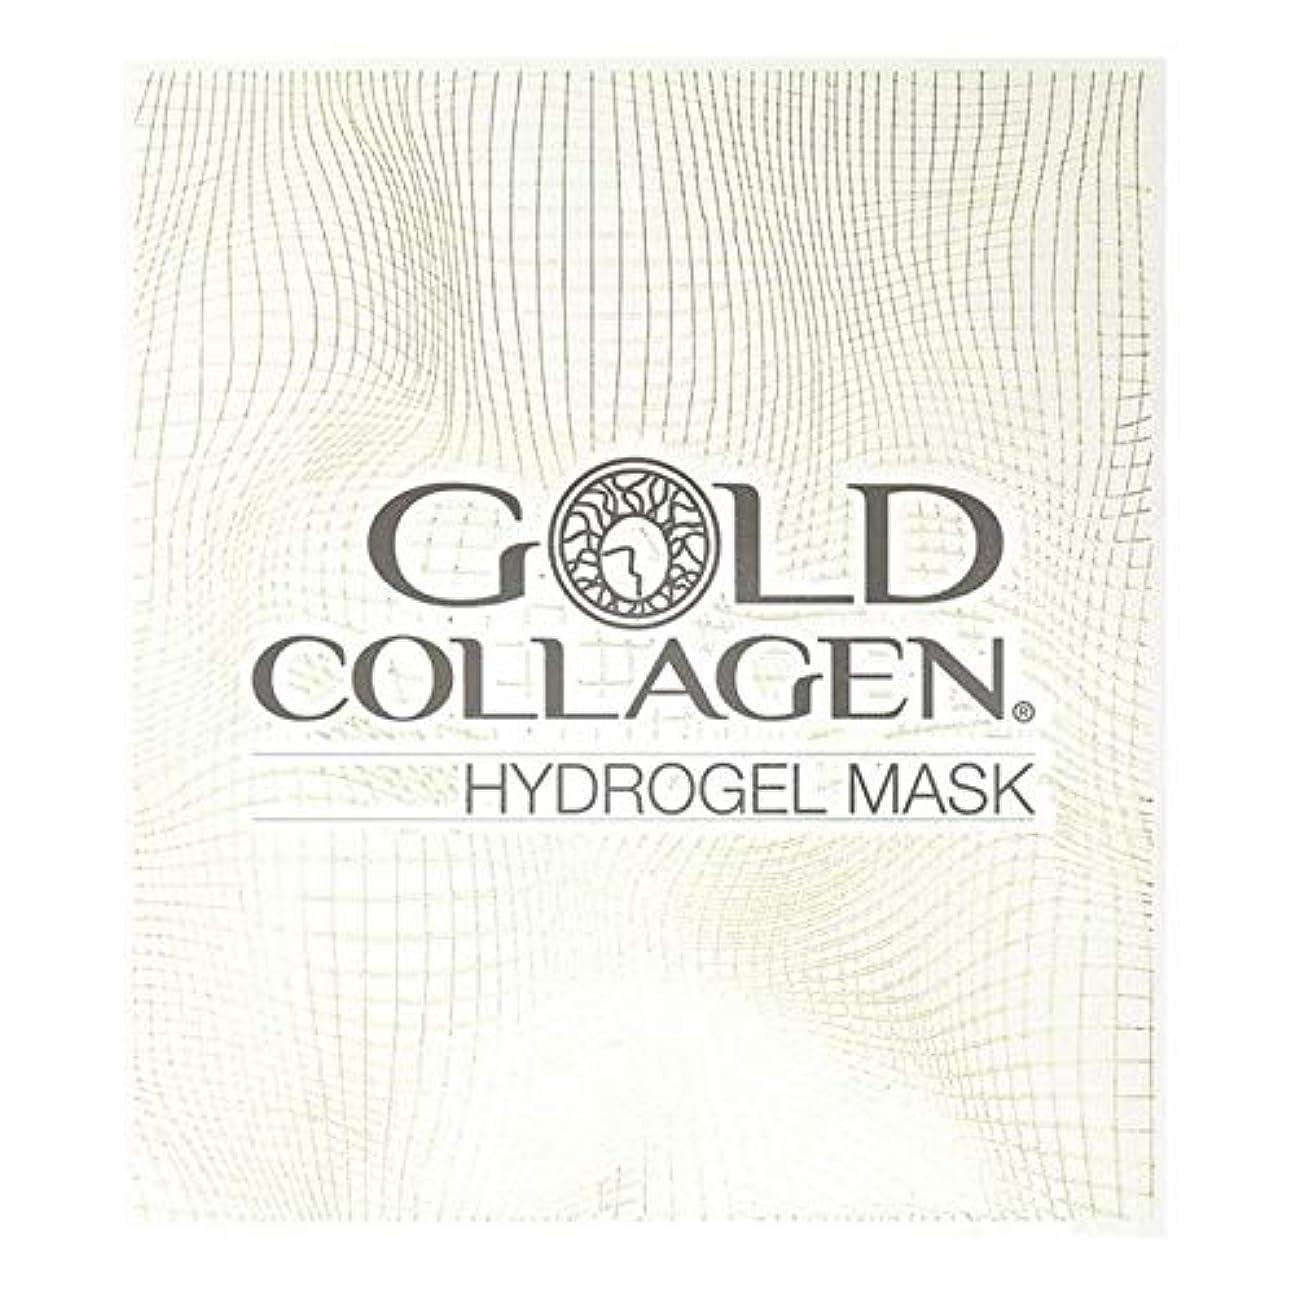 悪魔名門悩む[Gold Collagen] ハイドロゲルフェイスマスク - Hydrogel Face Mask [並行輸入品]